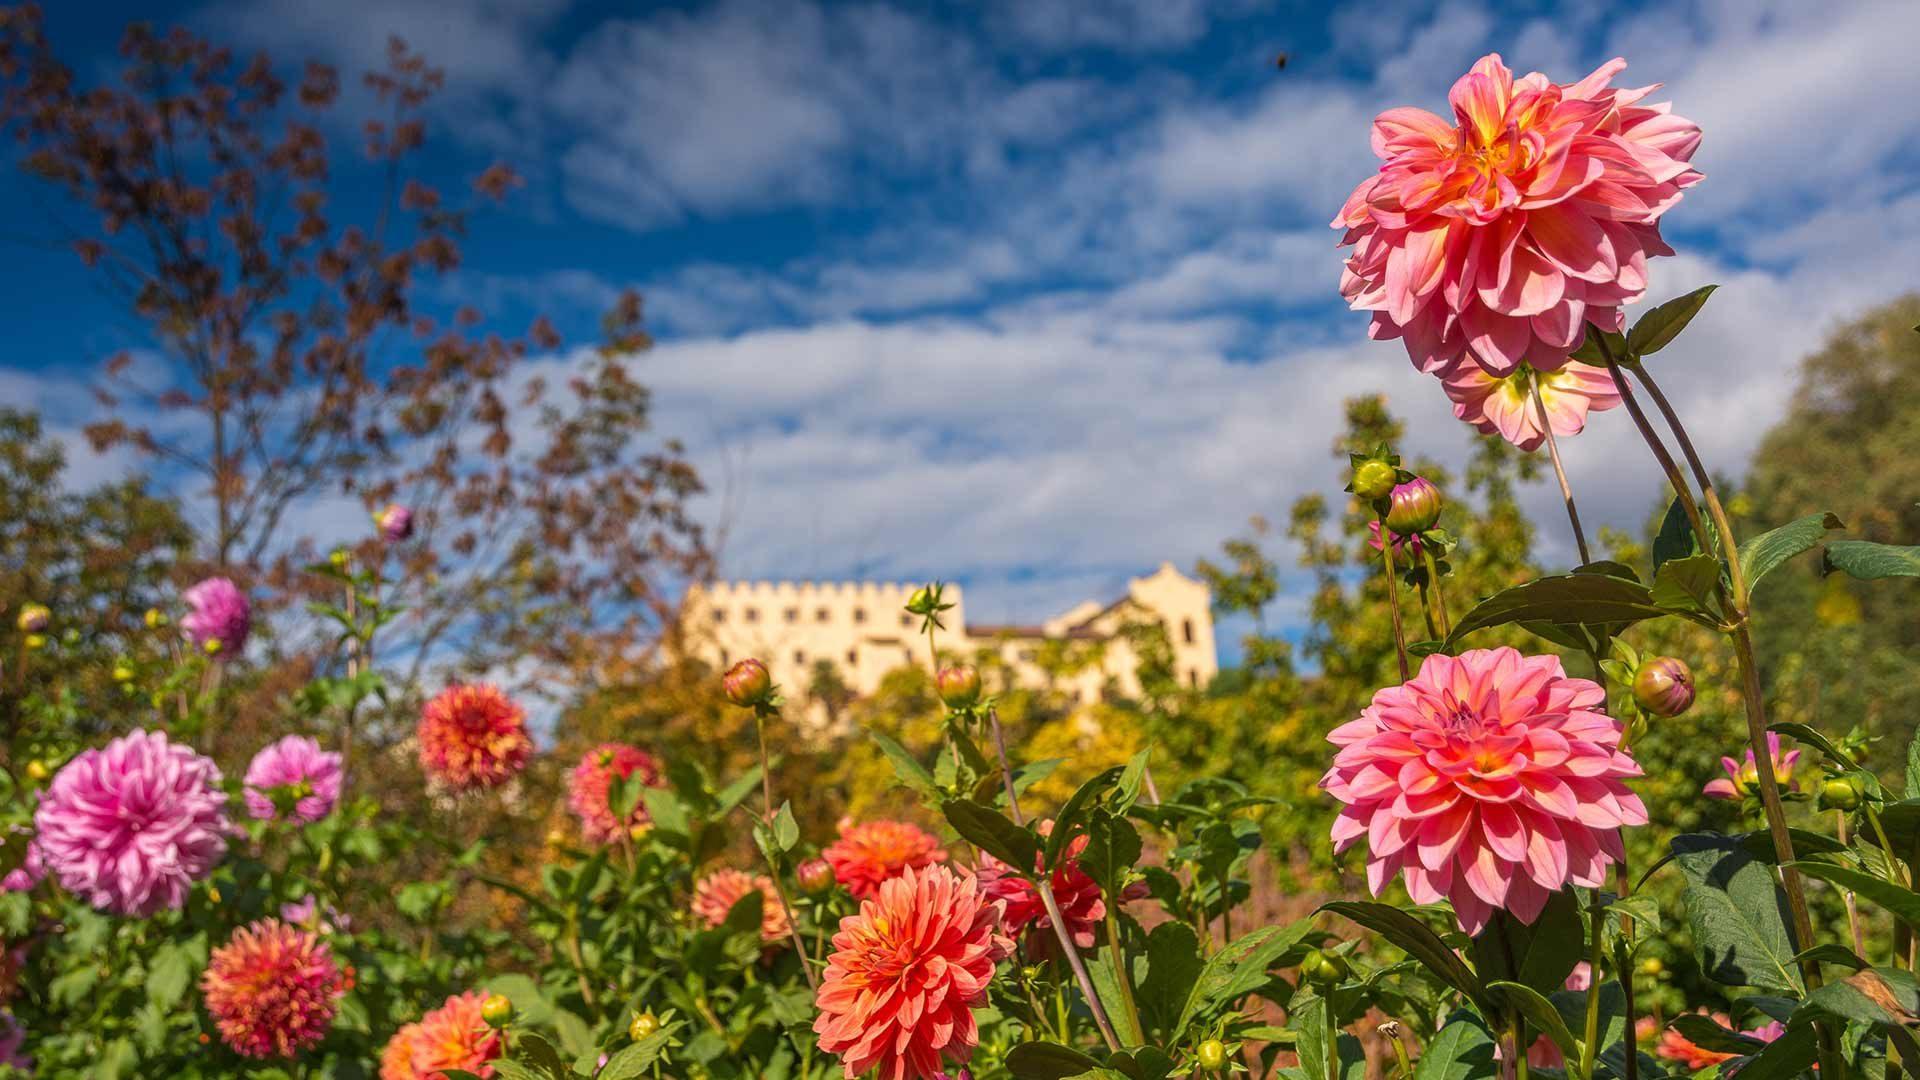 Frühling - Gärten von Schloss Trauttmansdorff